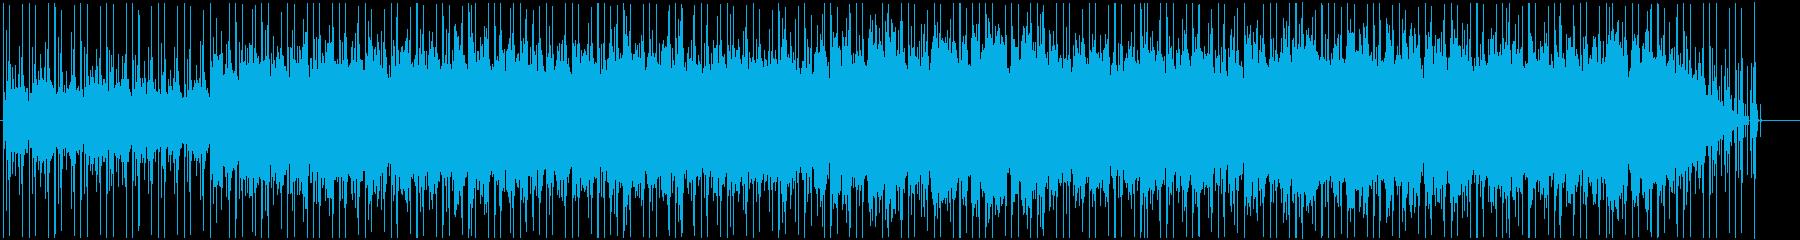 やわらかな雰囲気のブルージーなチルアウトの再生済みの波形